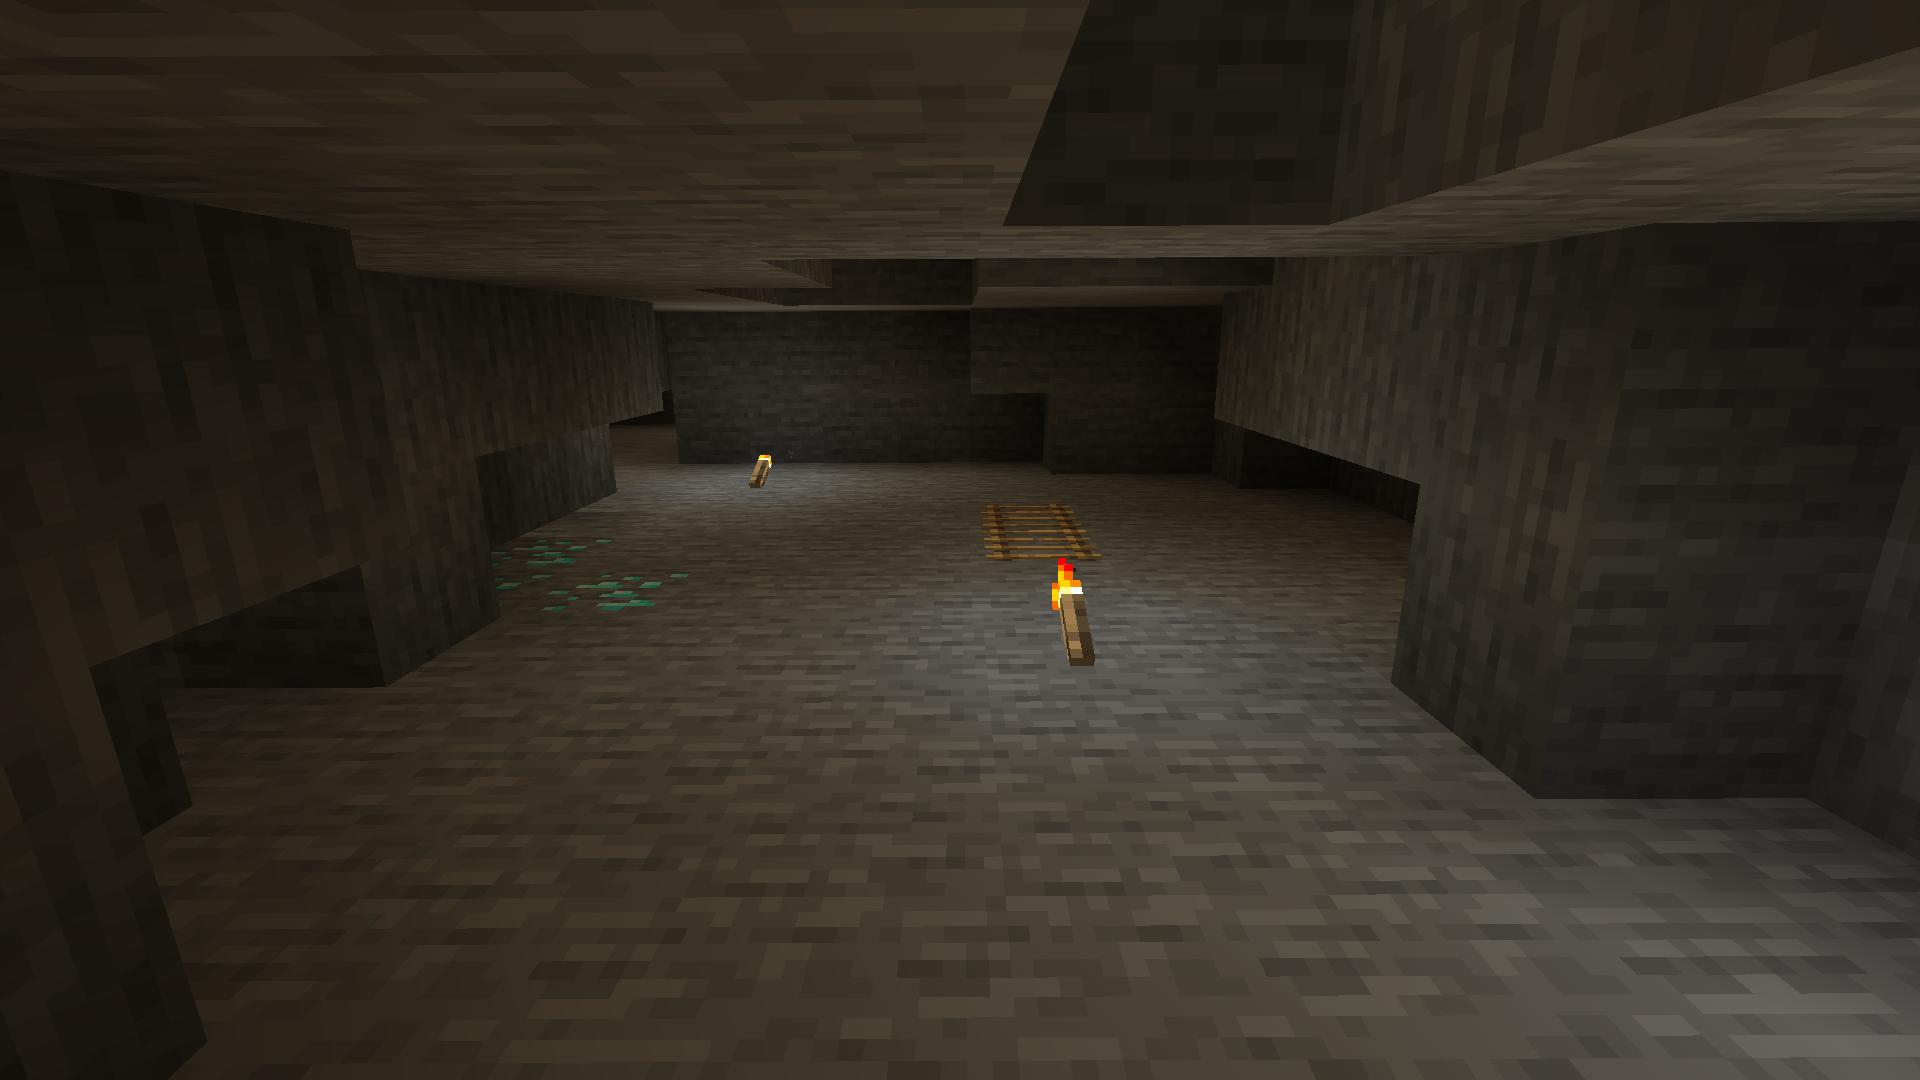 L'un des passages les plus durs, le parcours de saut purement vertical dans une grotte.